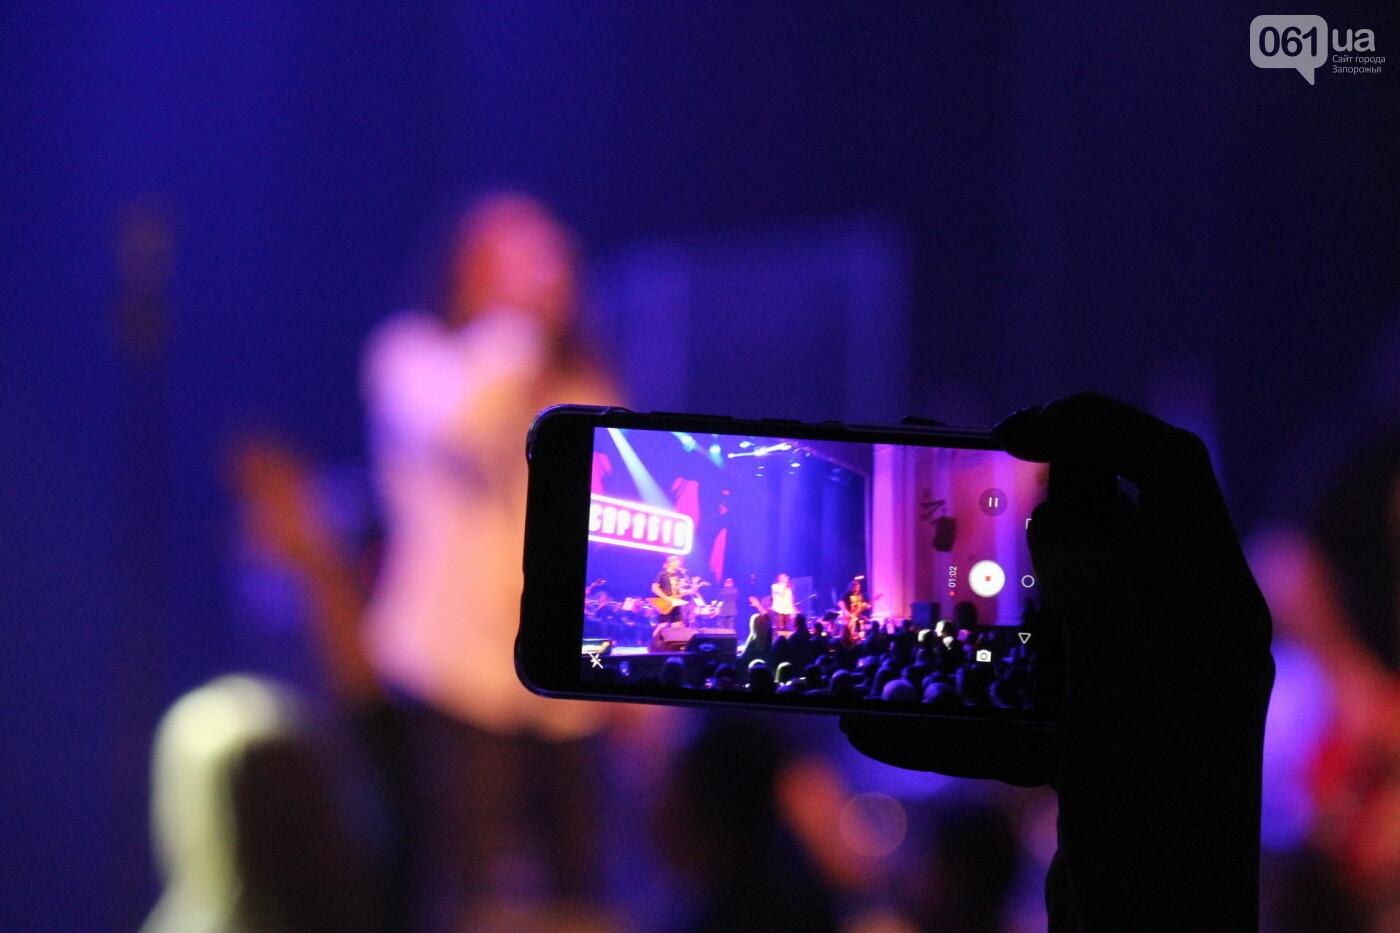 В Запорожье группа «Скрябин» сыграла лучшие хиты с симфоническим оркестром, – ФОТОРЕПОРТАЖ, фото-26